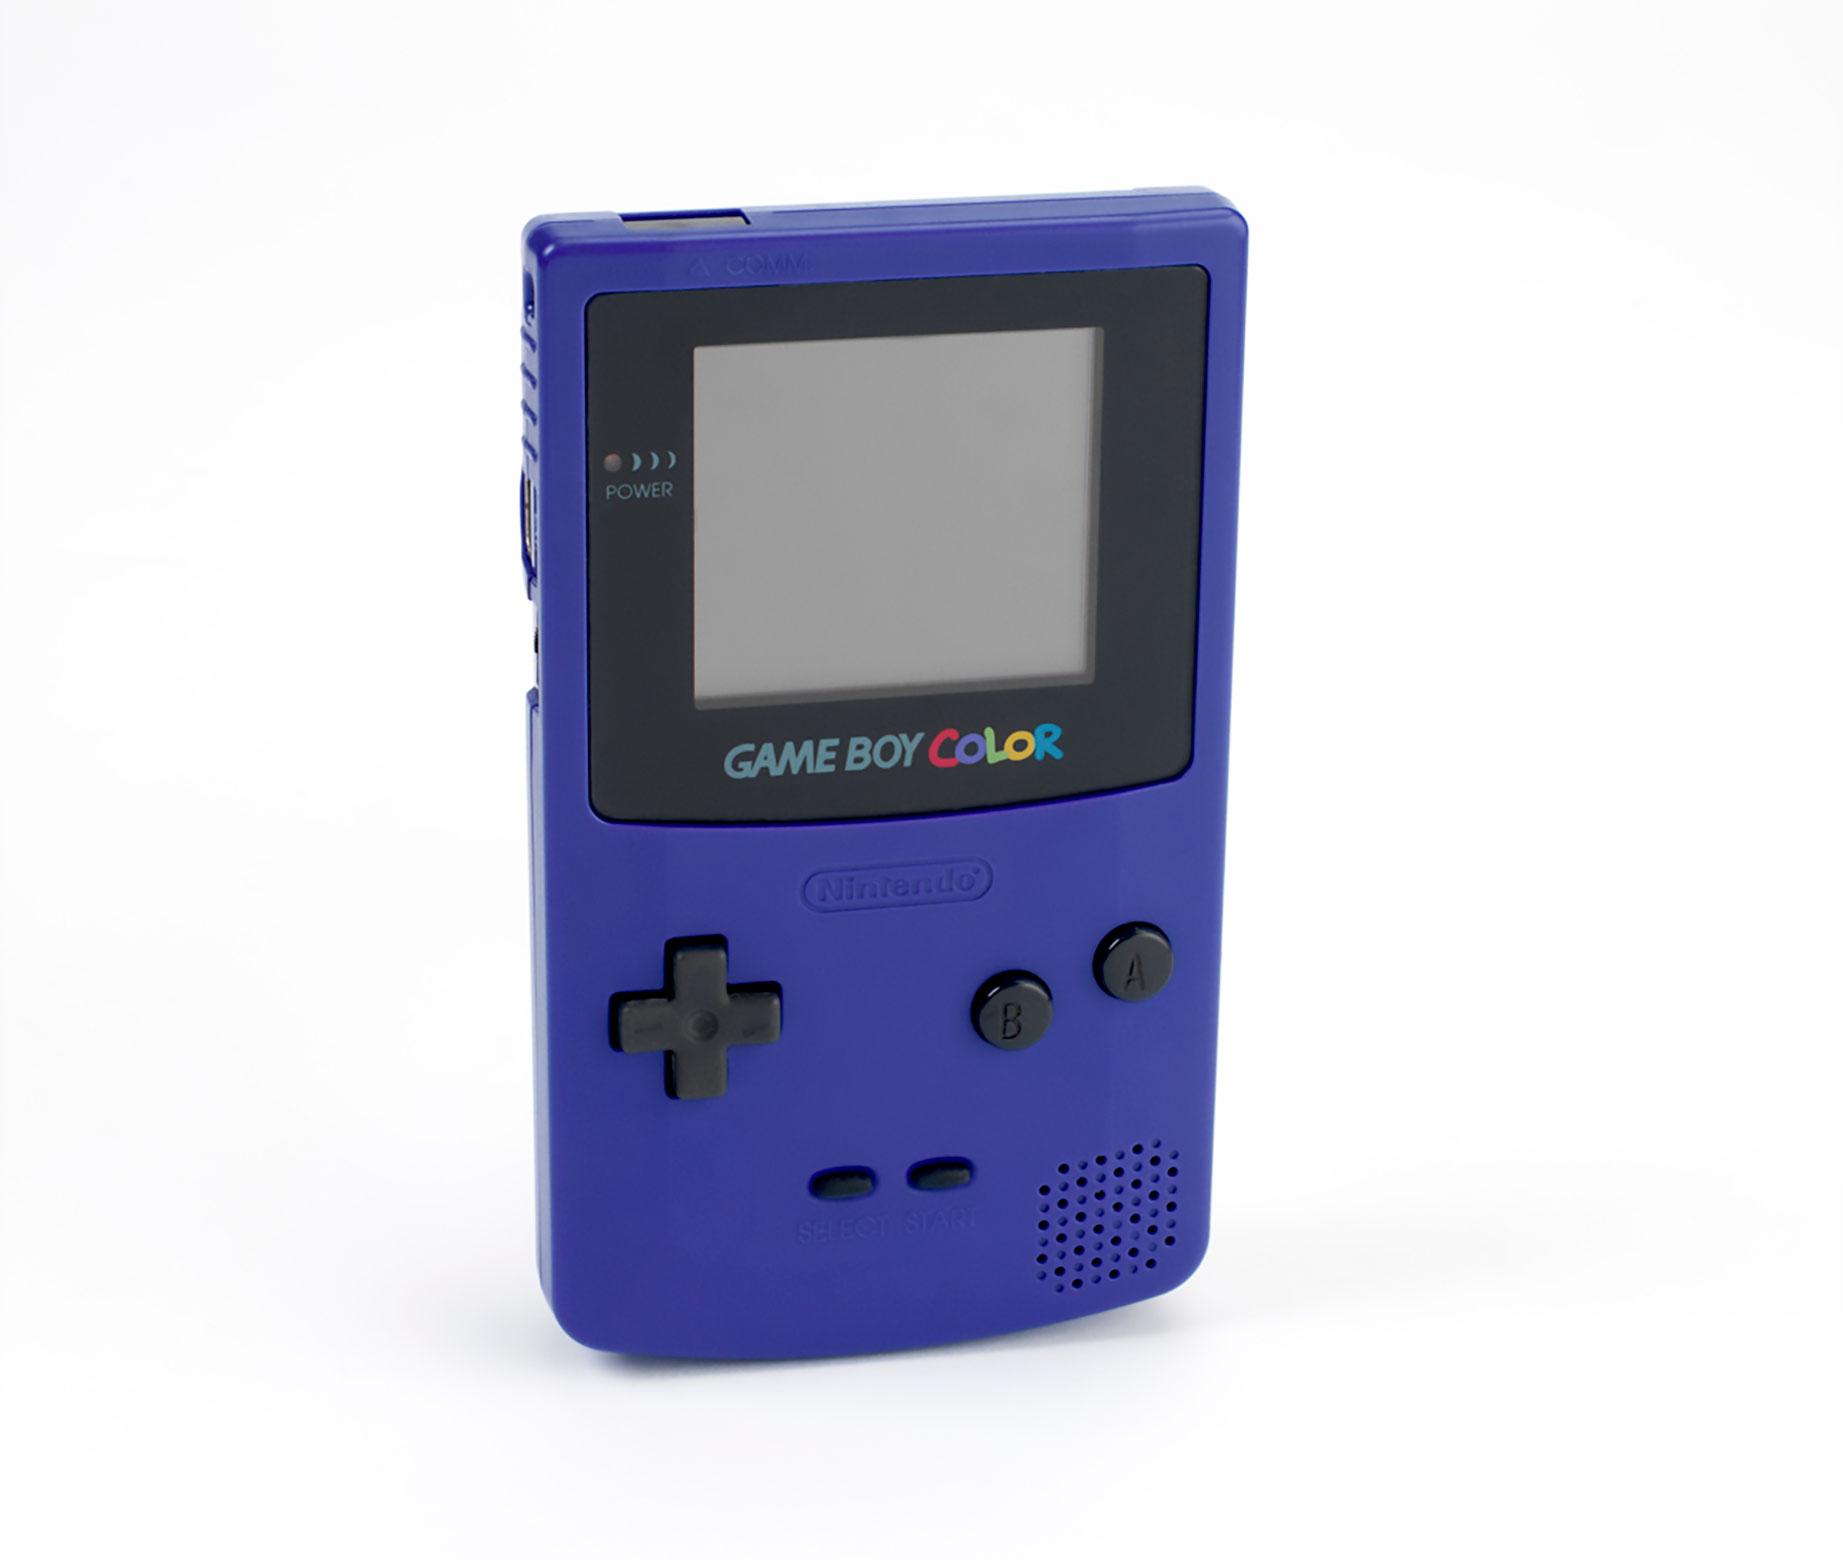 Und es wurde Farbe: Der Game Boy Color kann endlich Bunt.